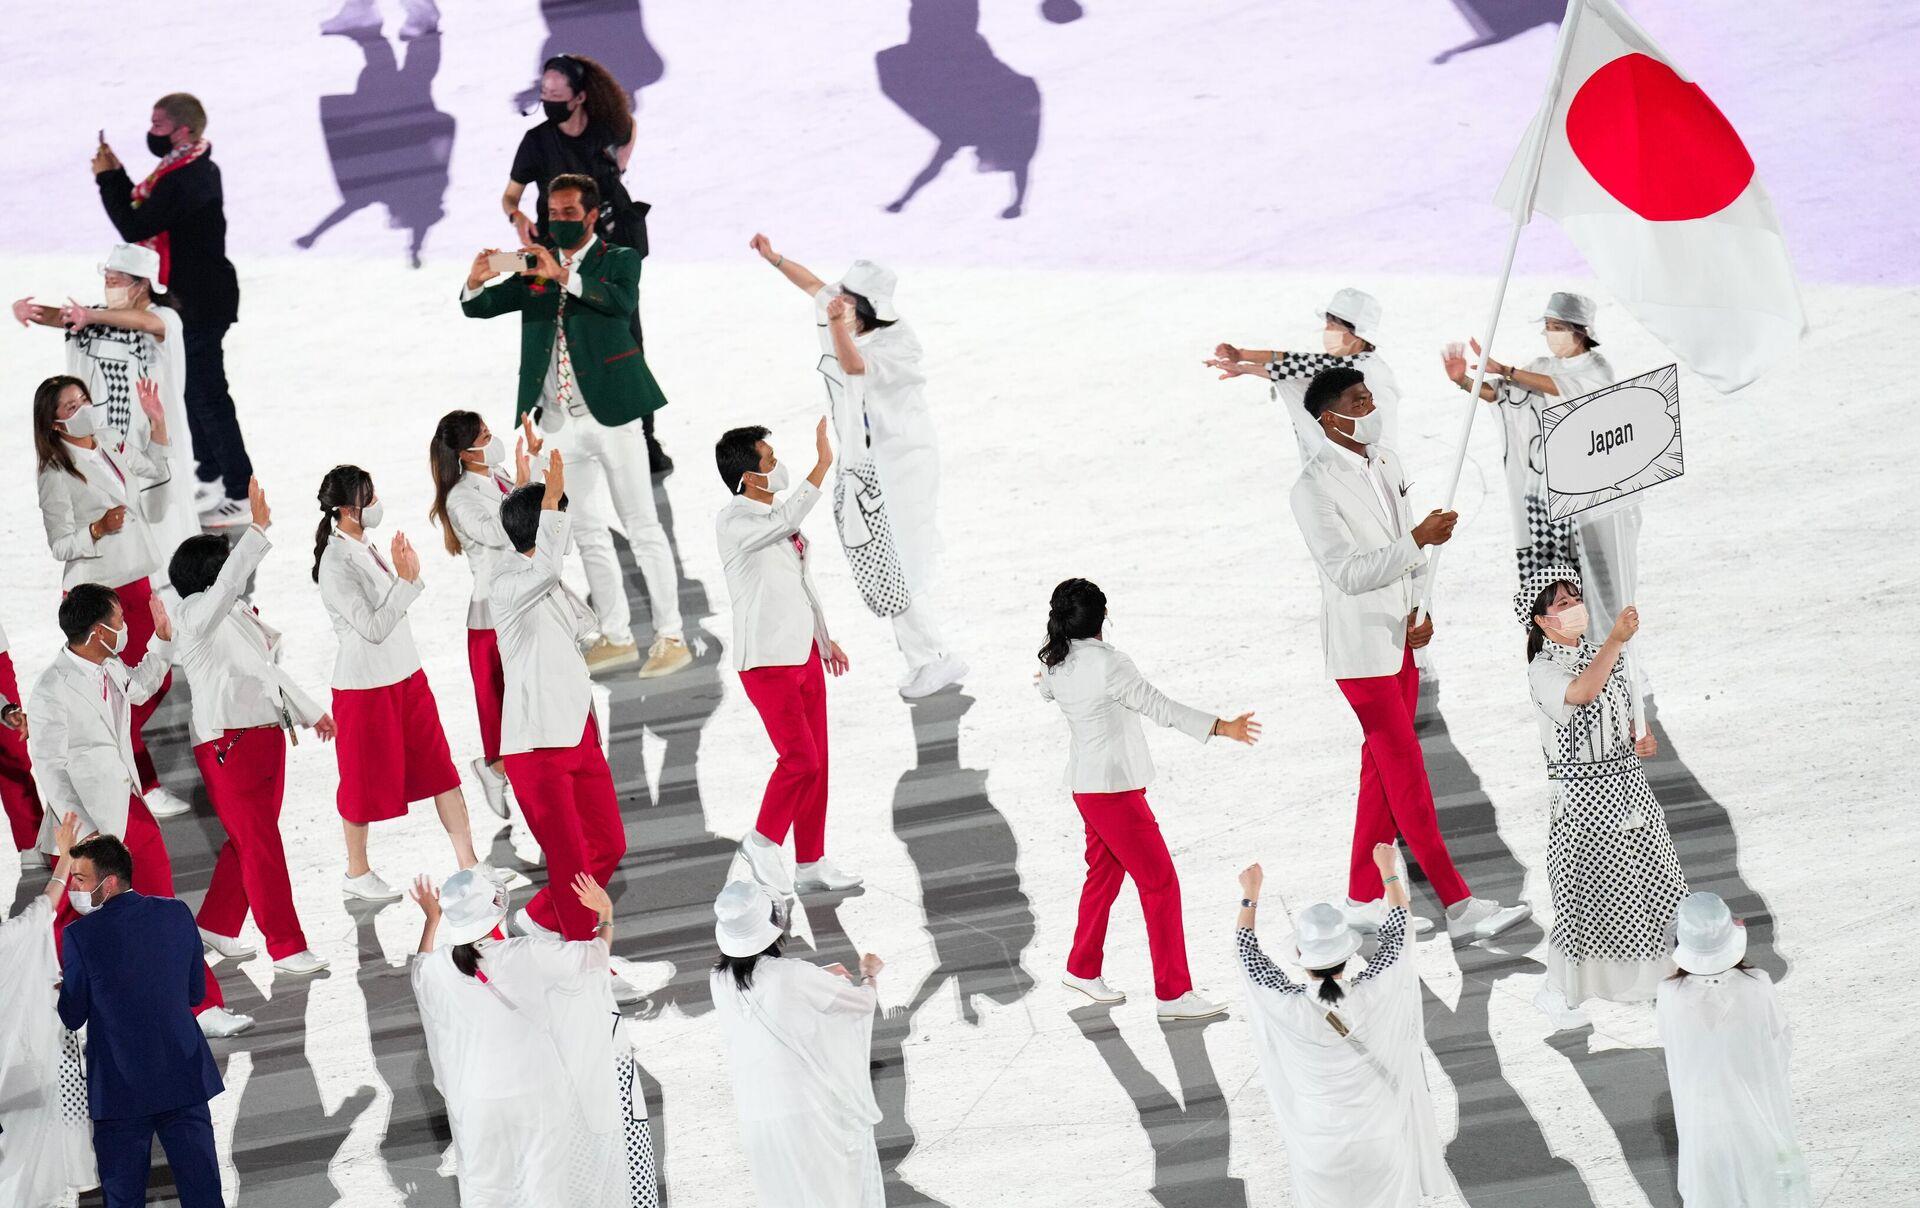 Спортсмены сборной Японии закрывают парад атлетов на Церемонии открытия XXXII летних Олимпийских игр - Sputnik Беларусь, 1920, 23.07.2021